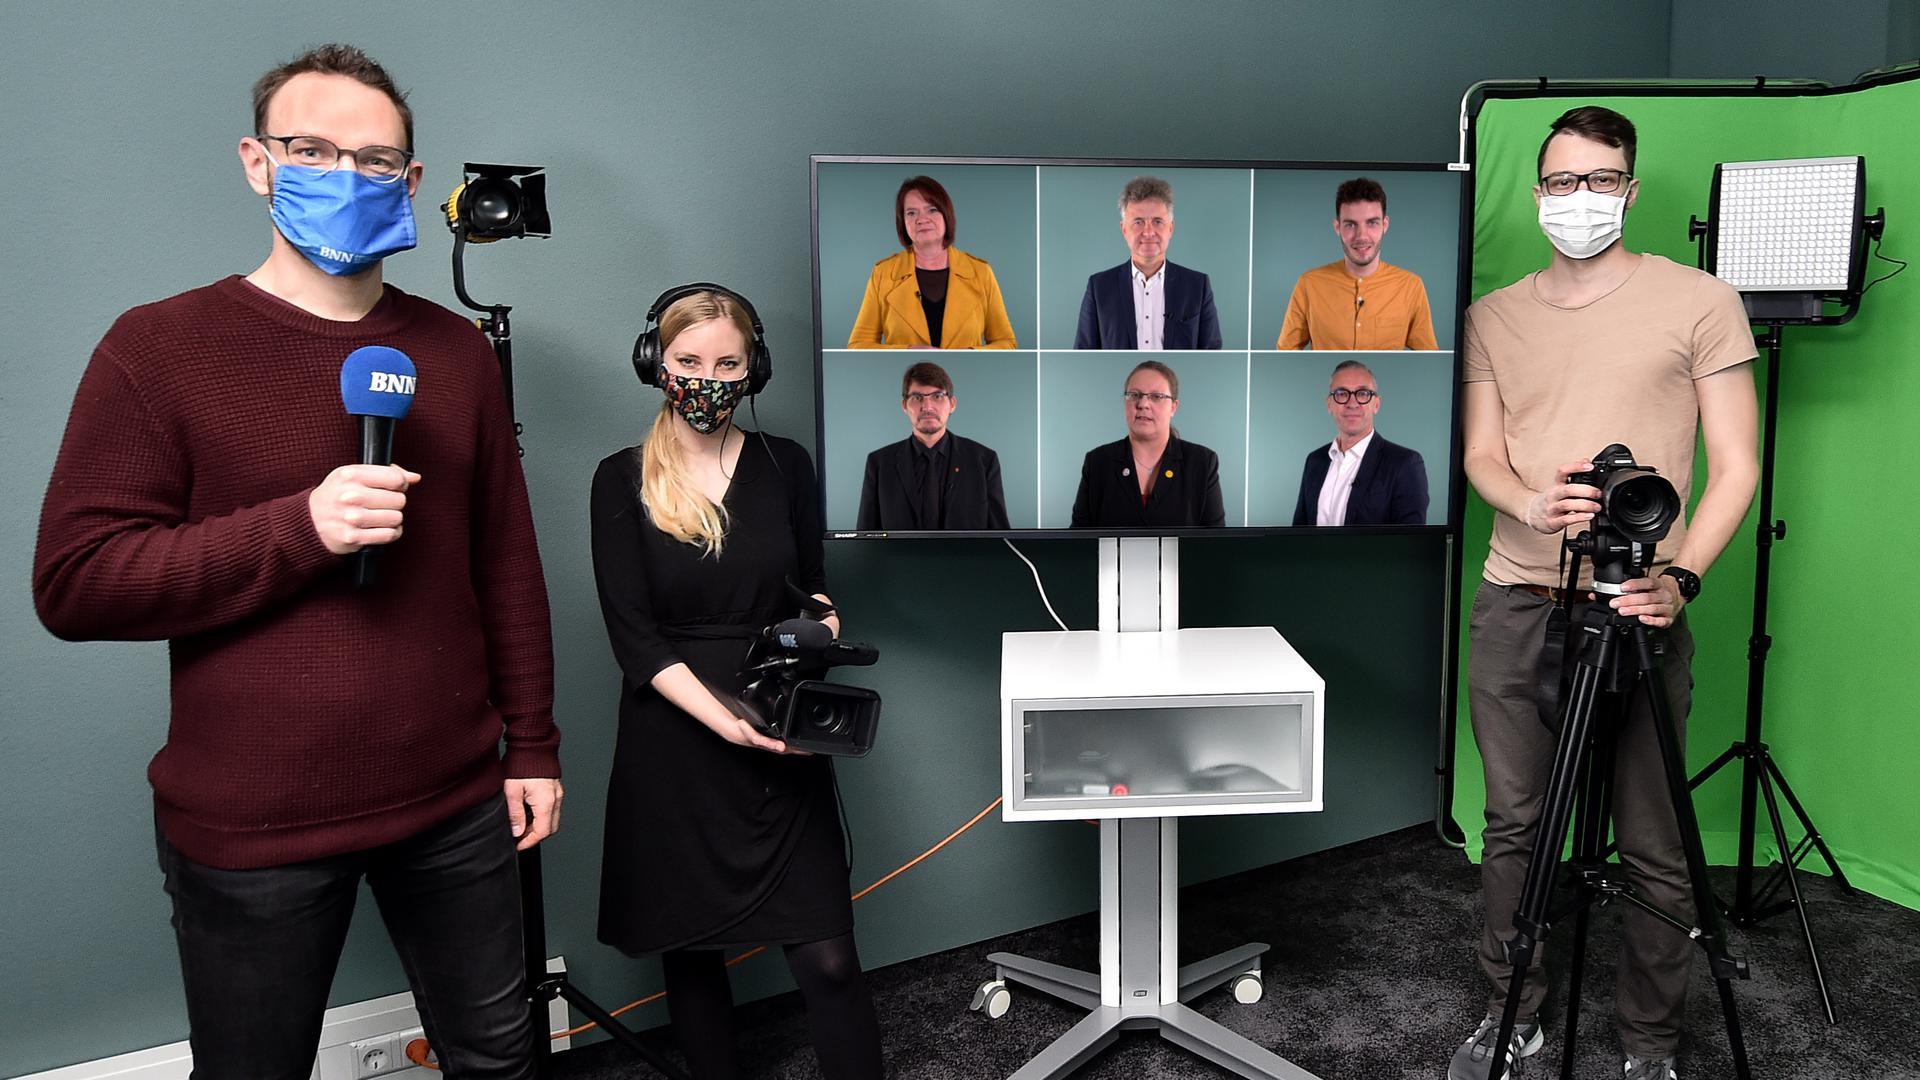 BNN-Redakteur Pascal Schütt (von links), Mediengestalterin Tanja Mori Monteiro und Videospezialist Christian Bodamer im Studio der BNN im Verlagshaus in Neureut.